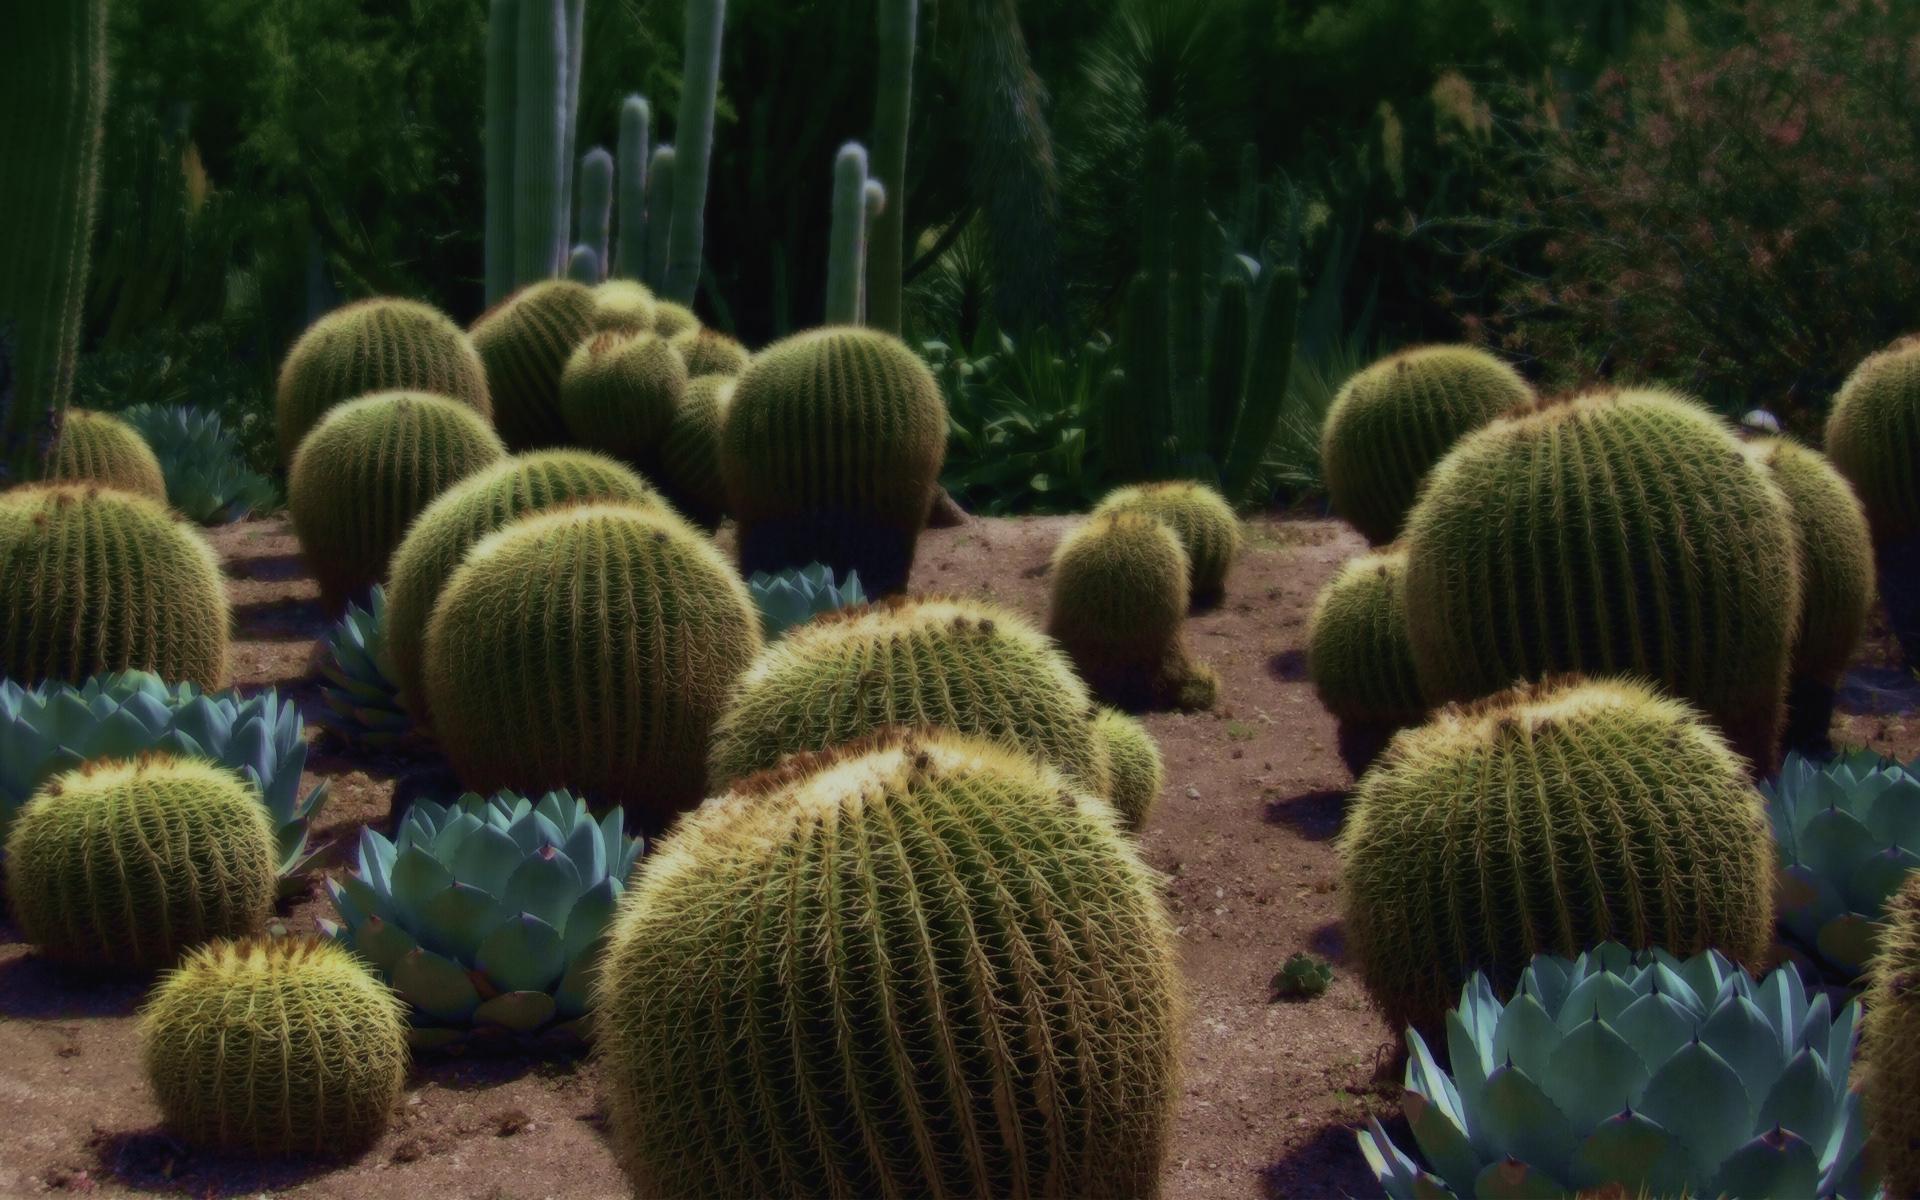 cactus desktop wallpaper pictures 59188